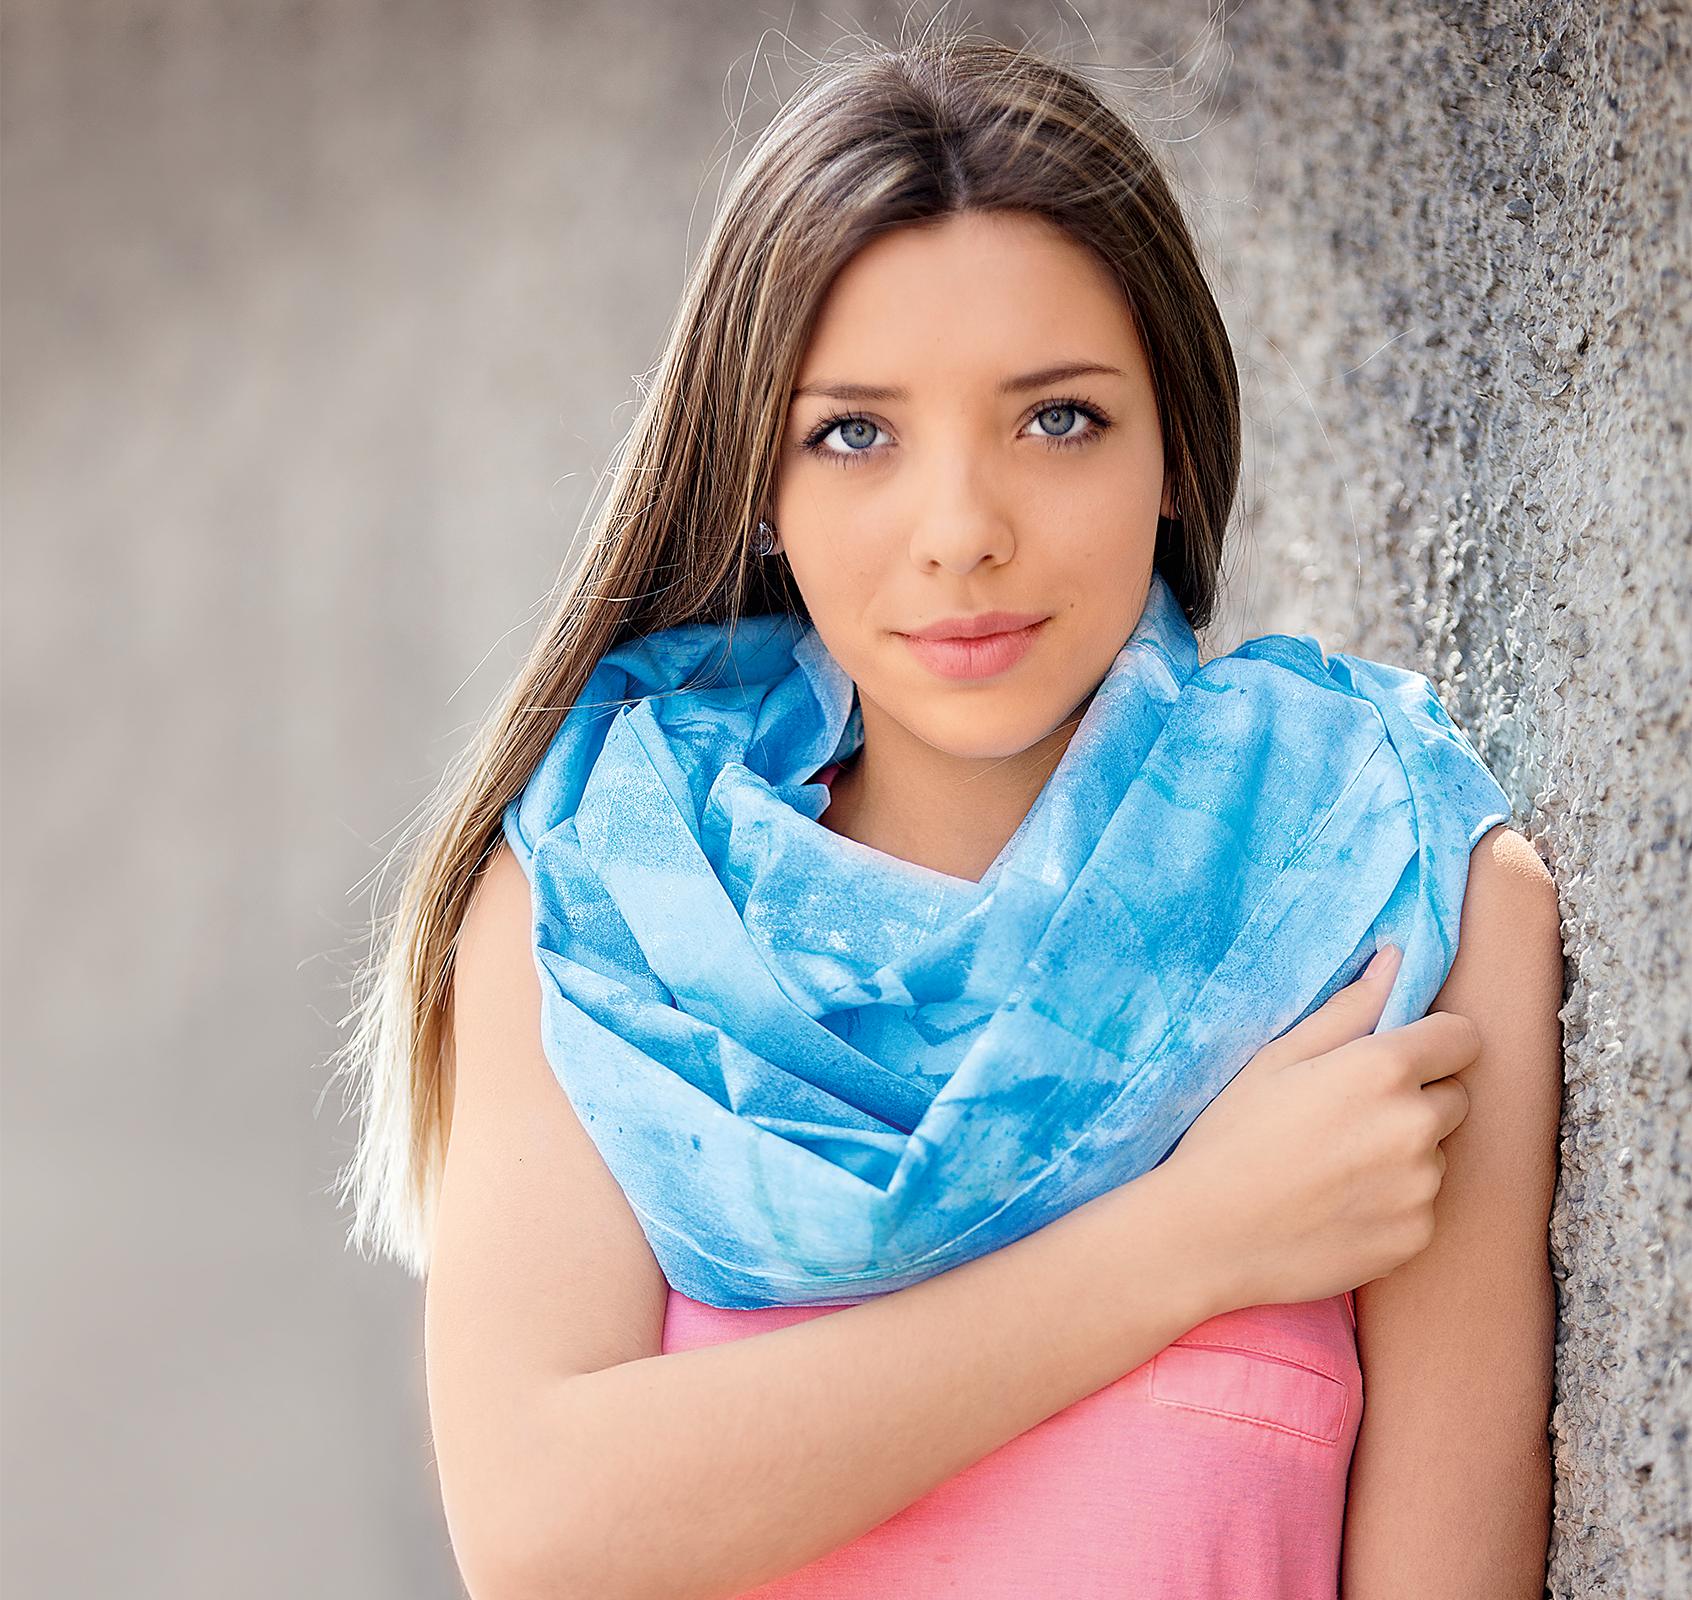 szal pomalowany farbą Marabu Fashion Spray